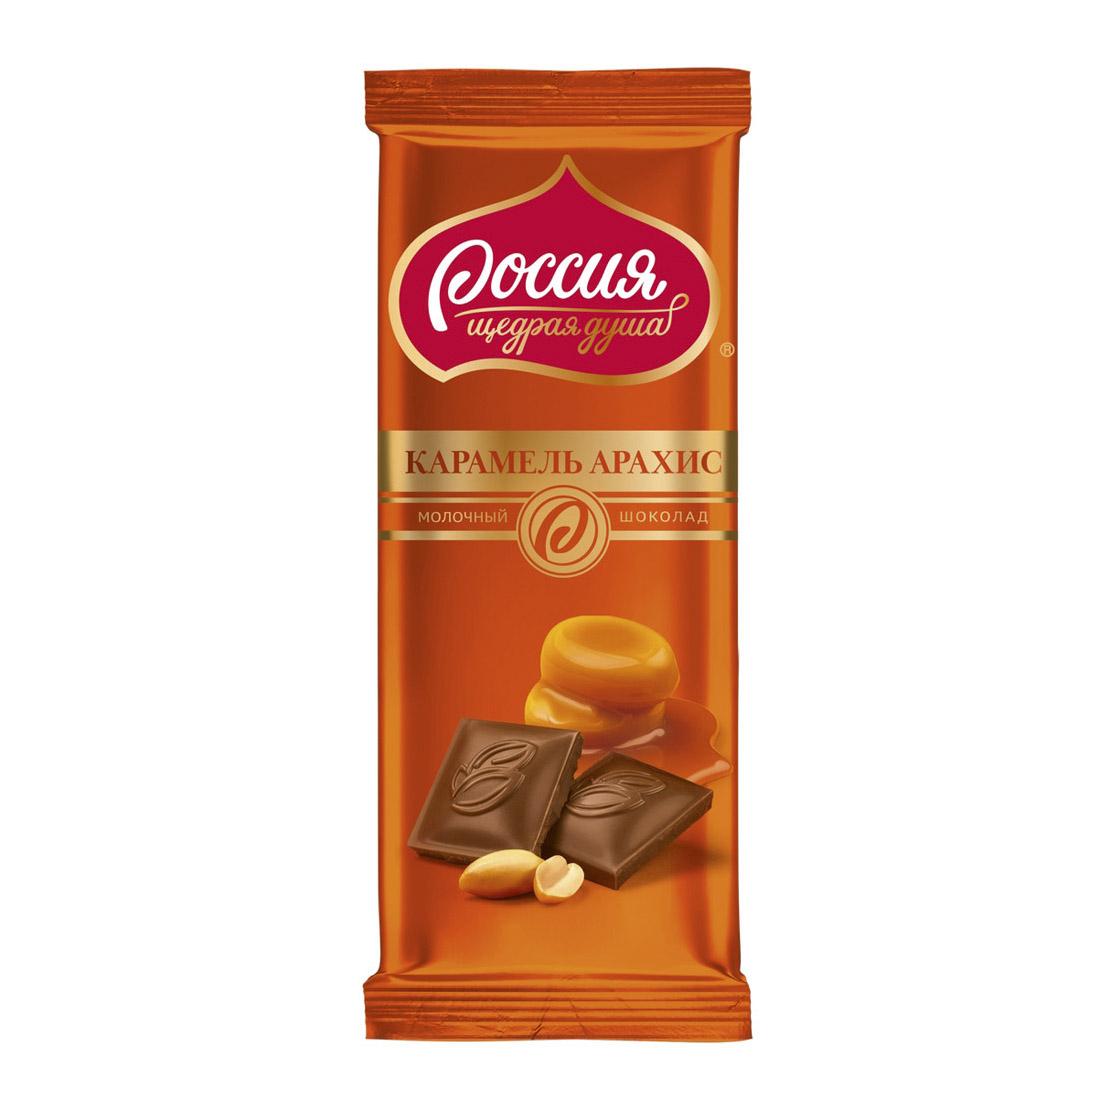 шоколад россия щедрая душа кофе с молоком молочный с добавлением кофе 90 г Шоколад молочный Россия щедрая душа карамель-арахис 90 г